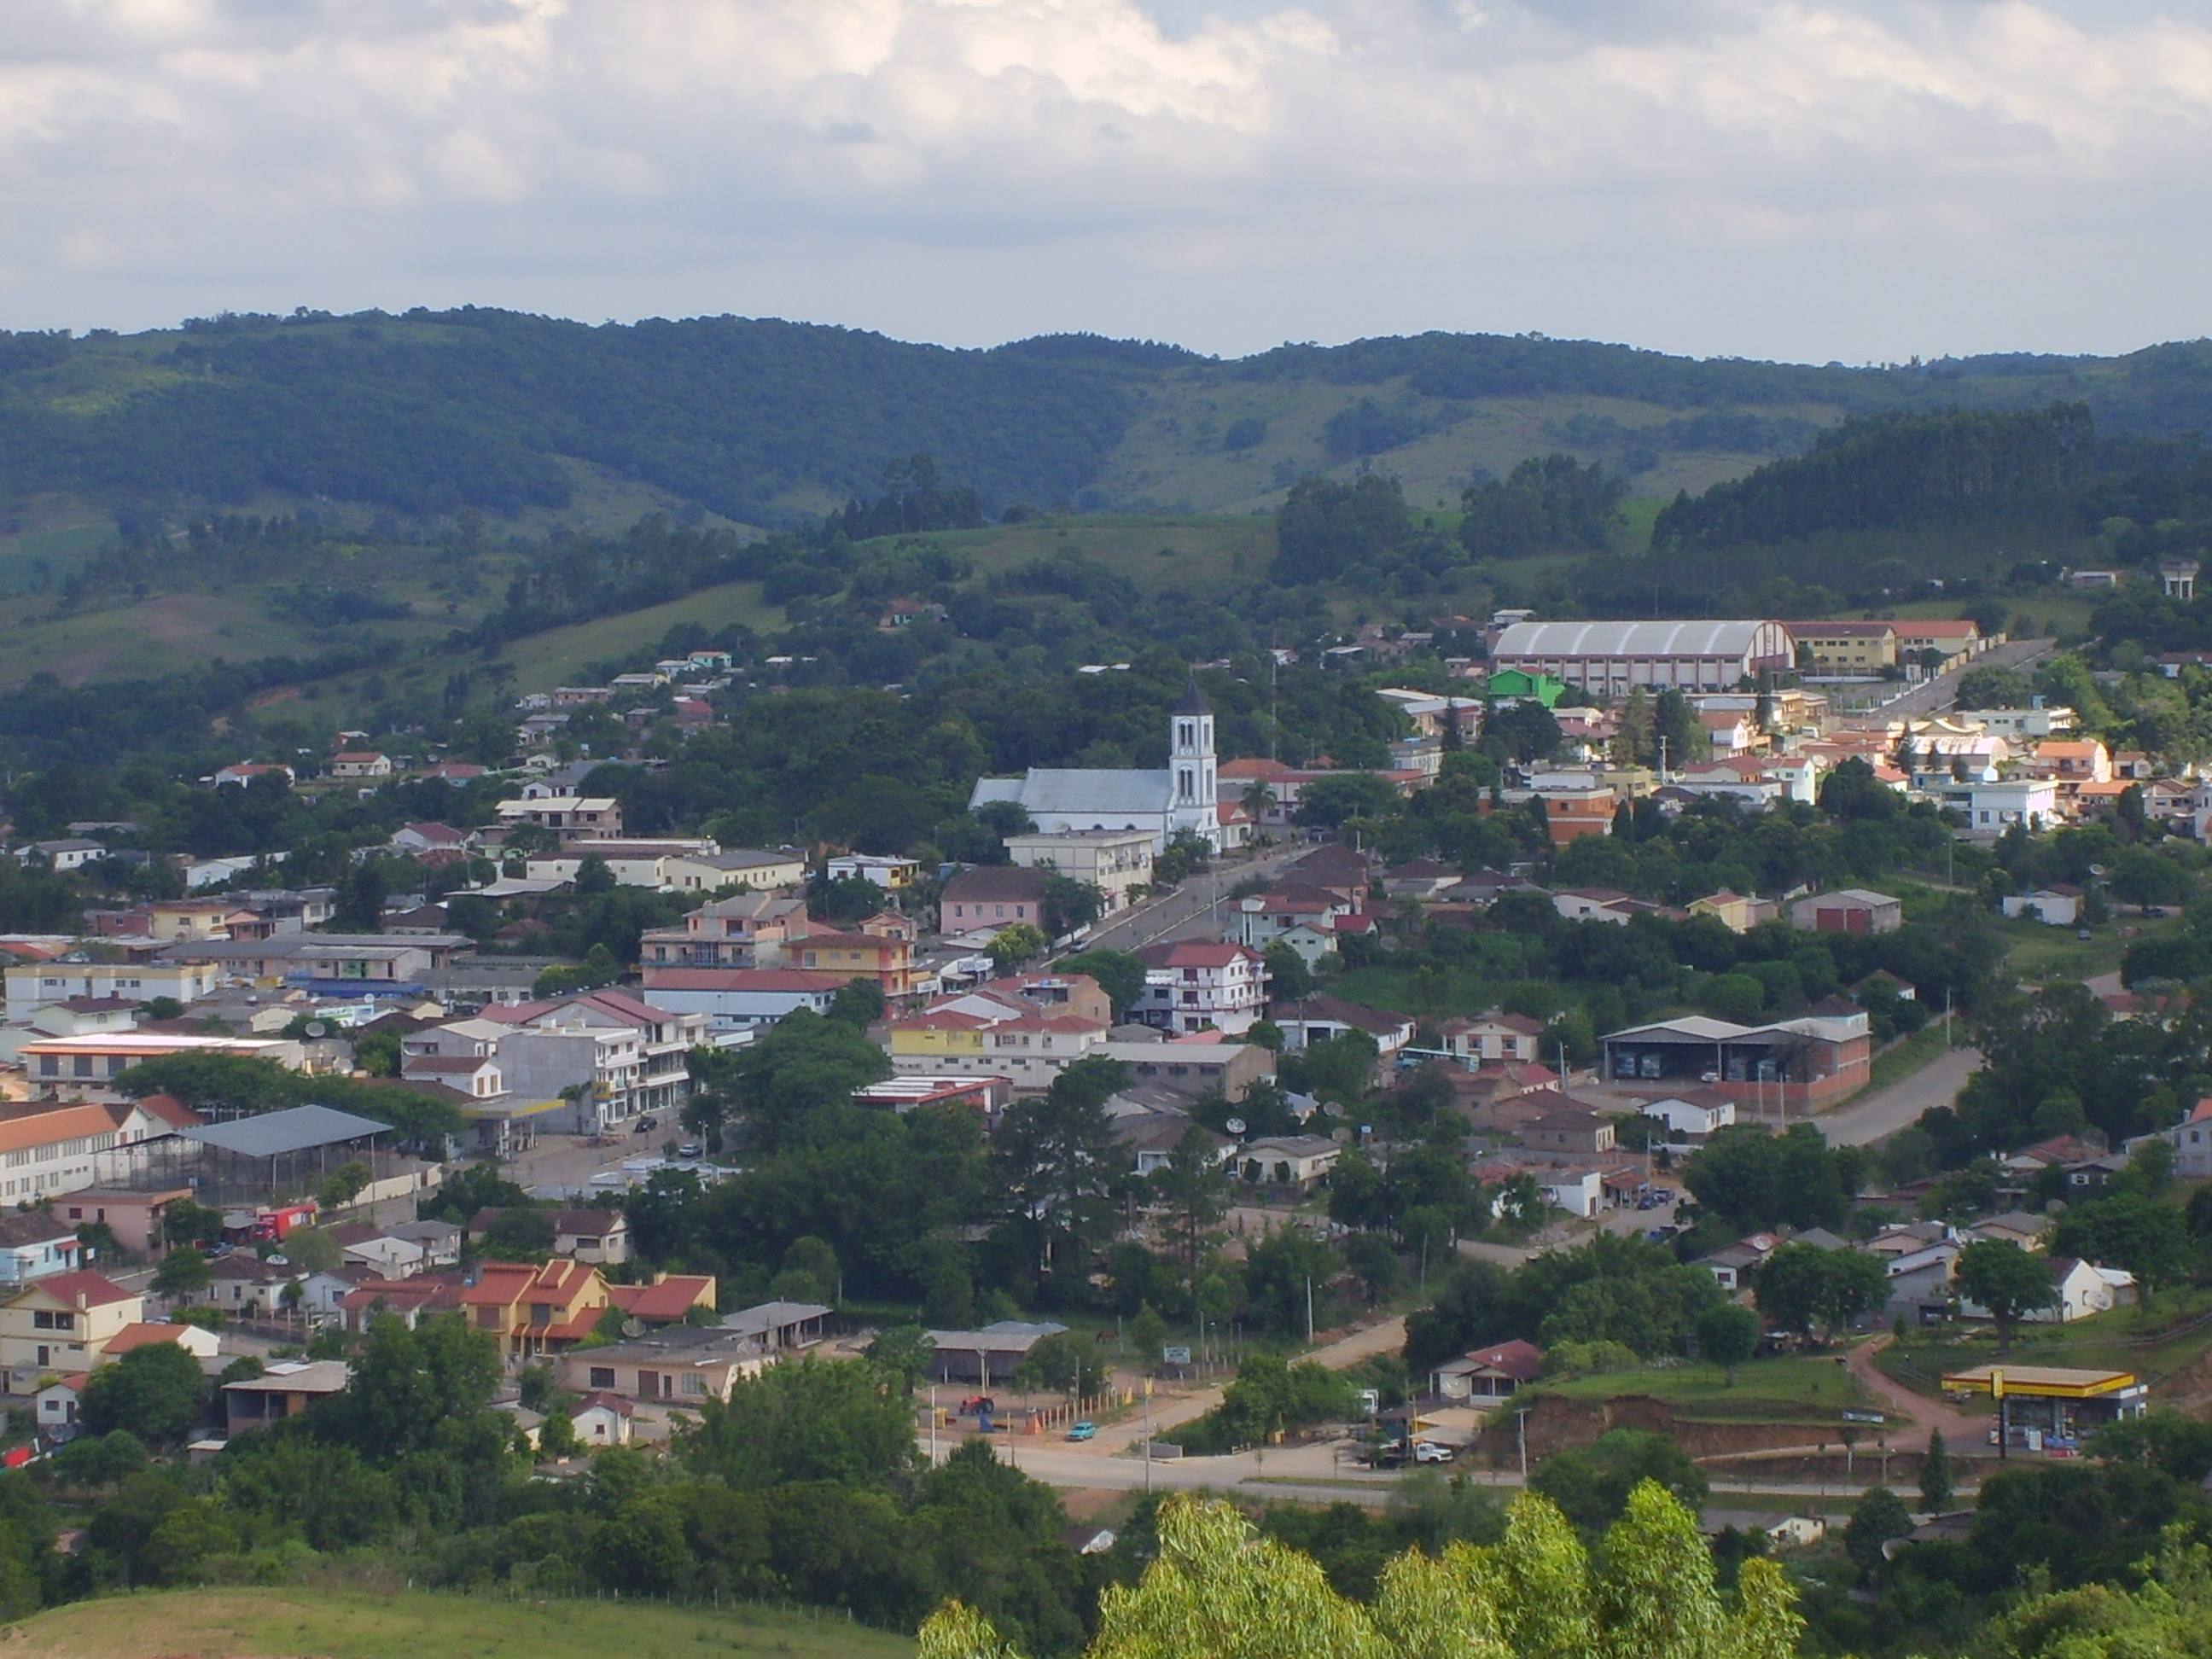 Dom Feliciano Rio Grande do Sul fonte: upload.wikimedia.org